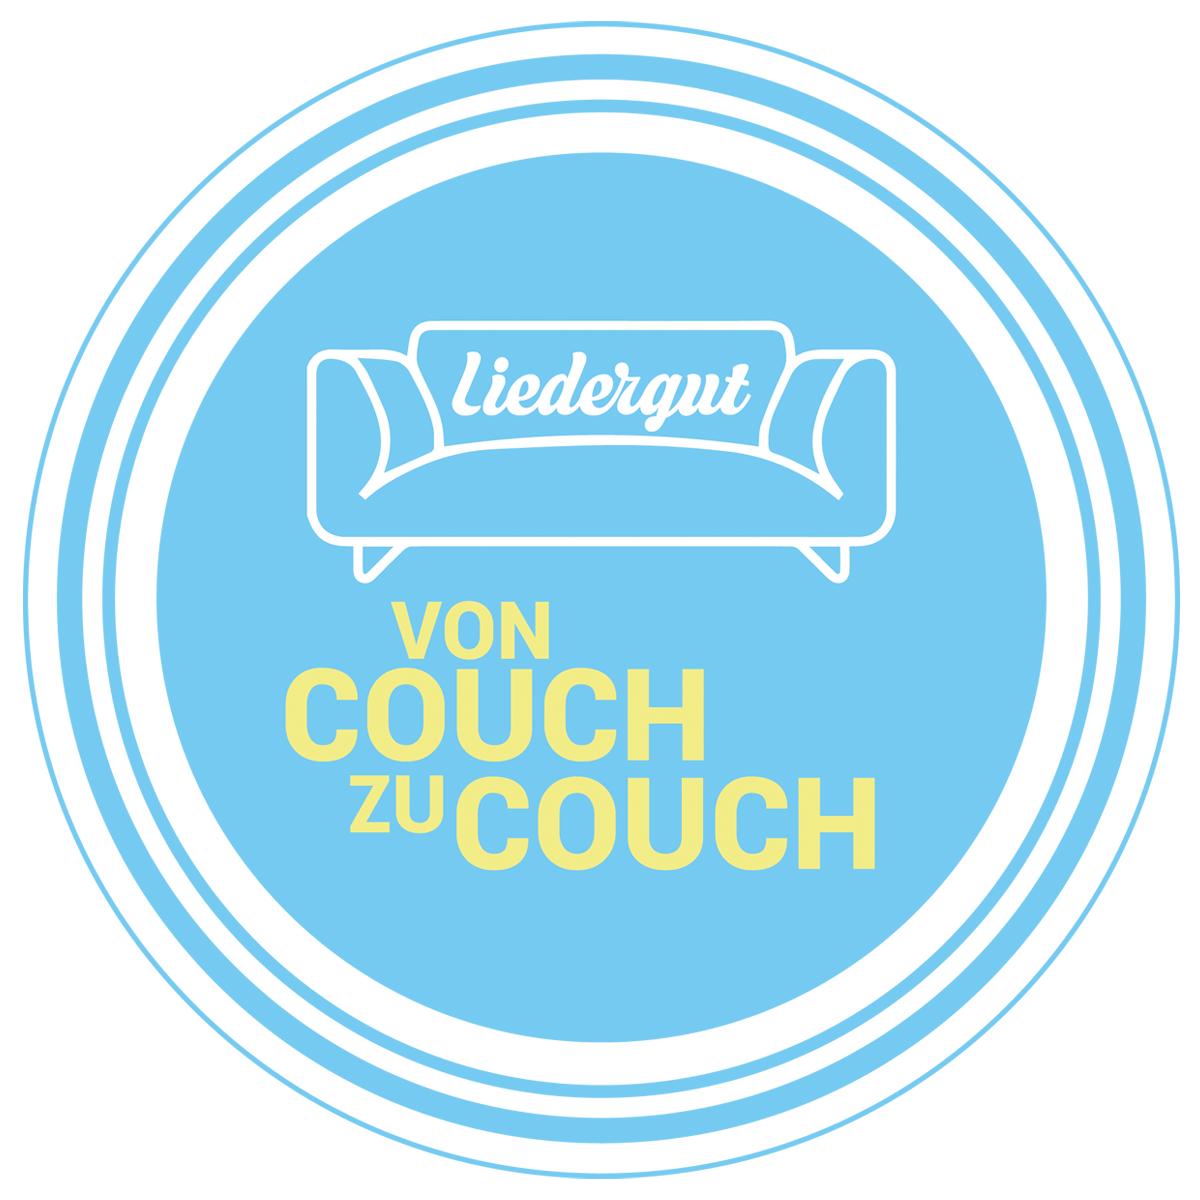 Liedergut_VCZC_Logo